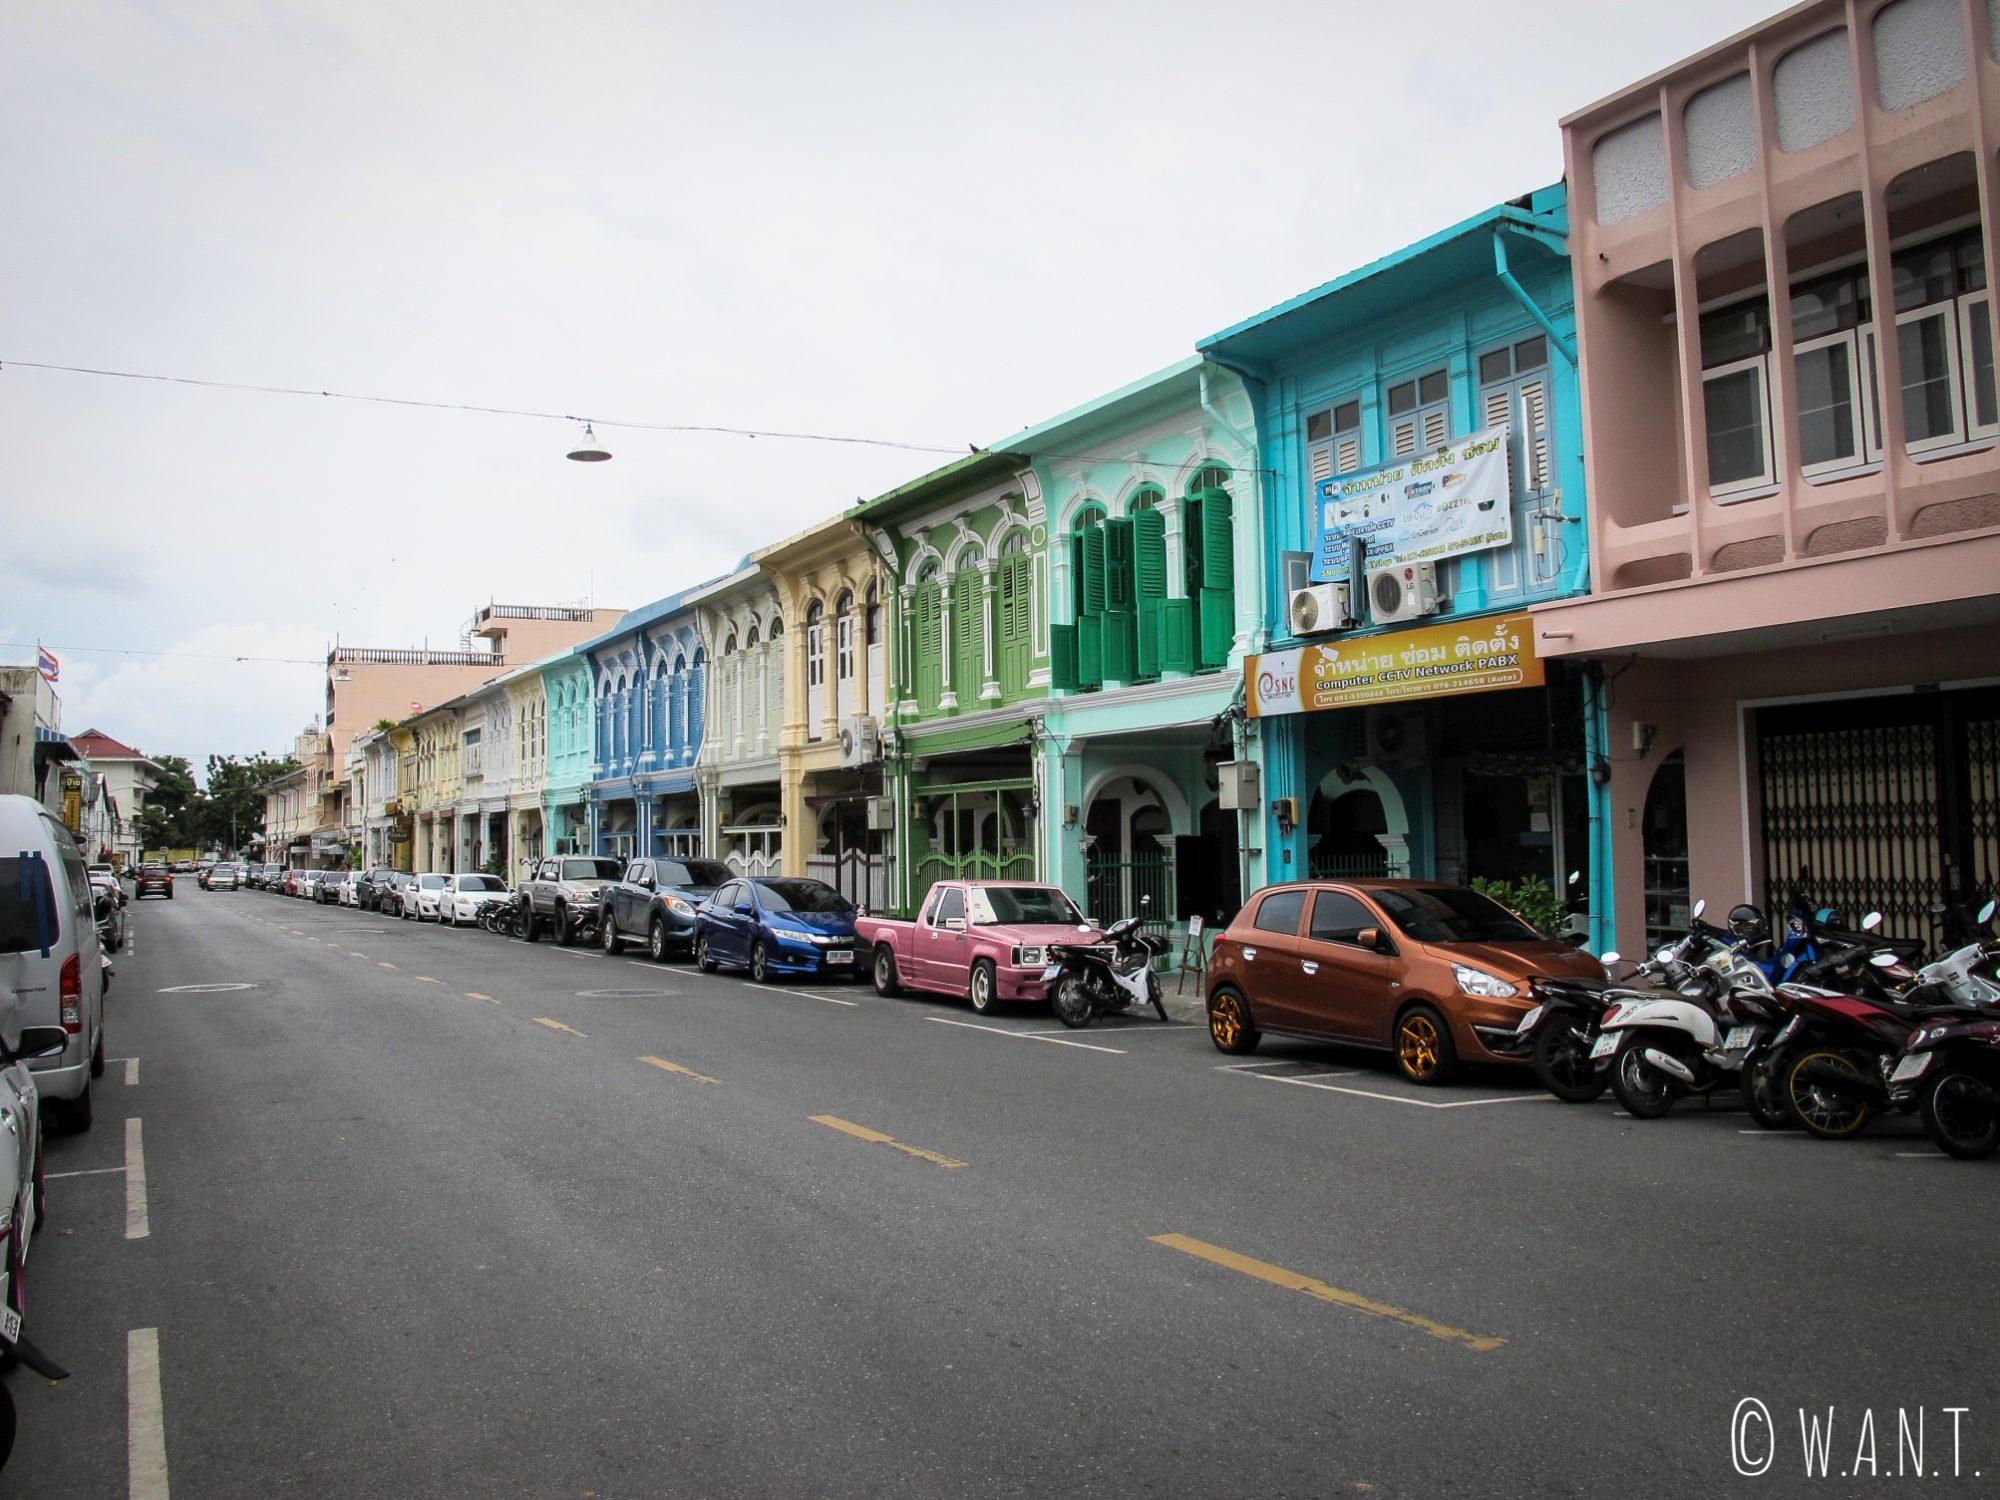 Maisons colorées du vieux Phuket